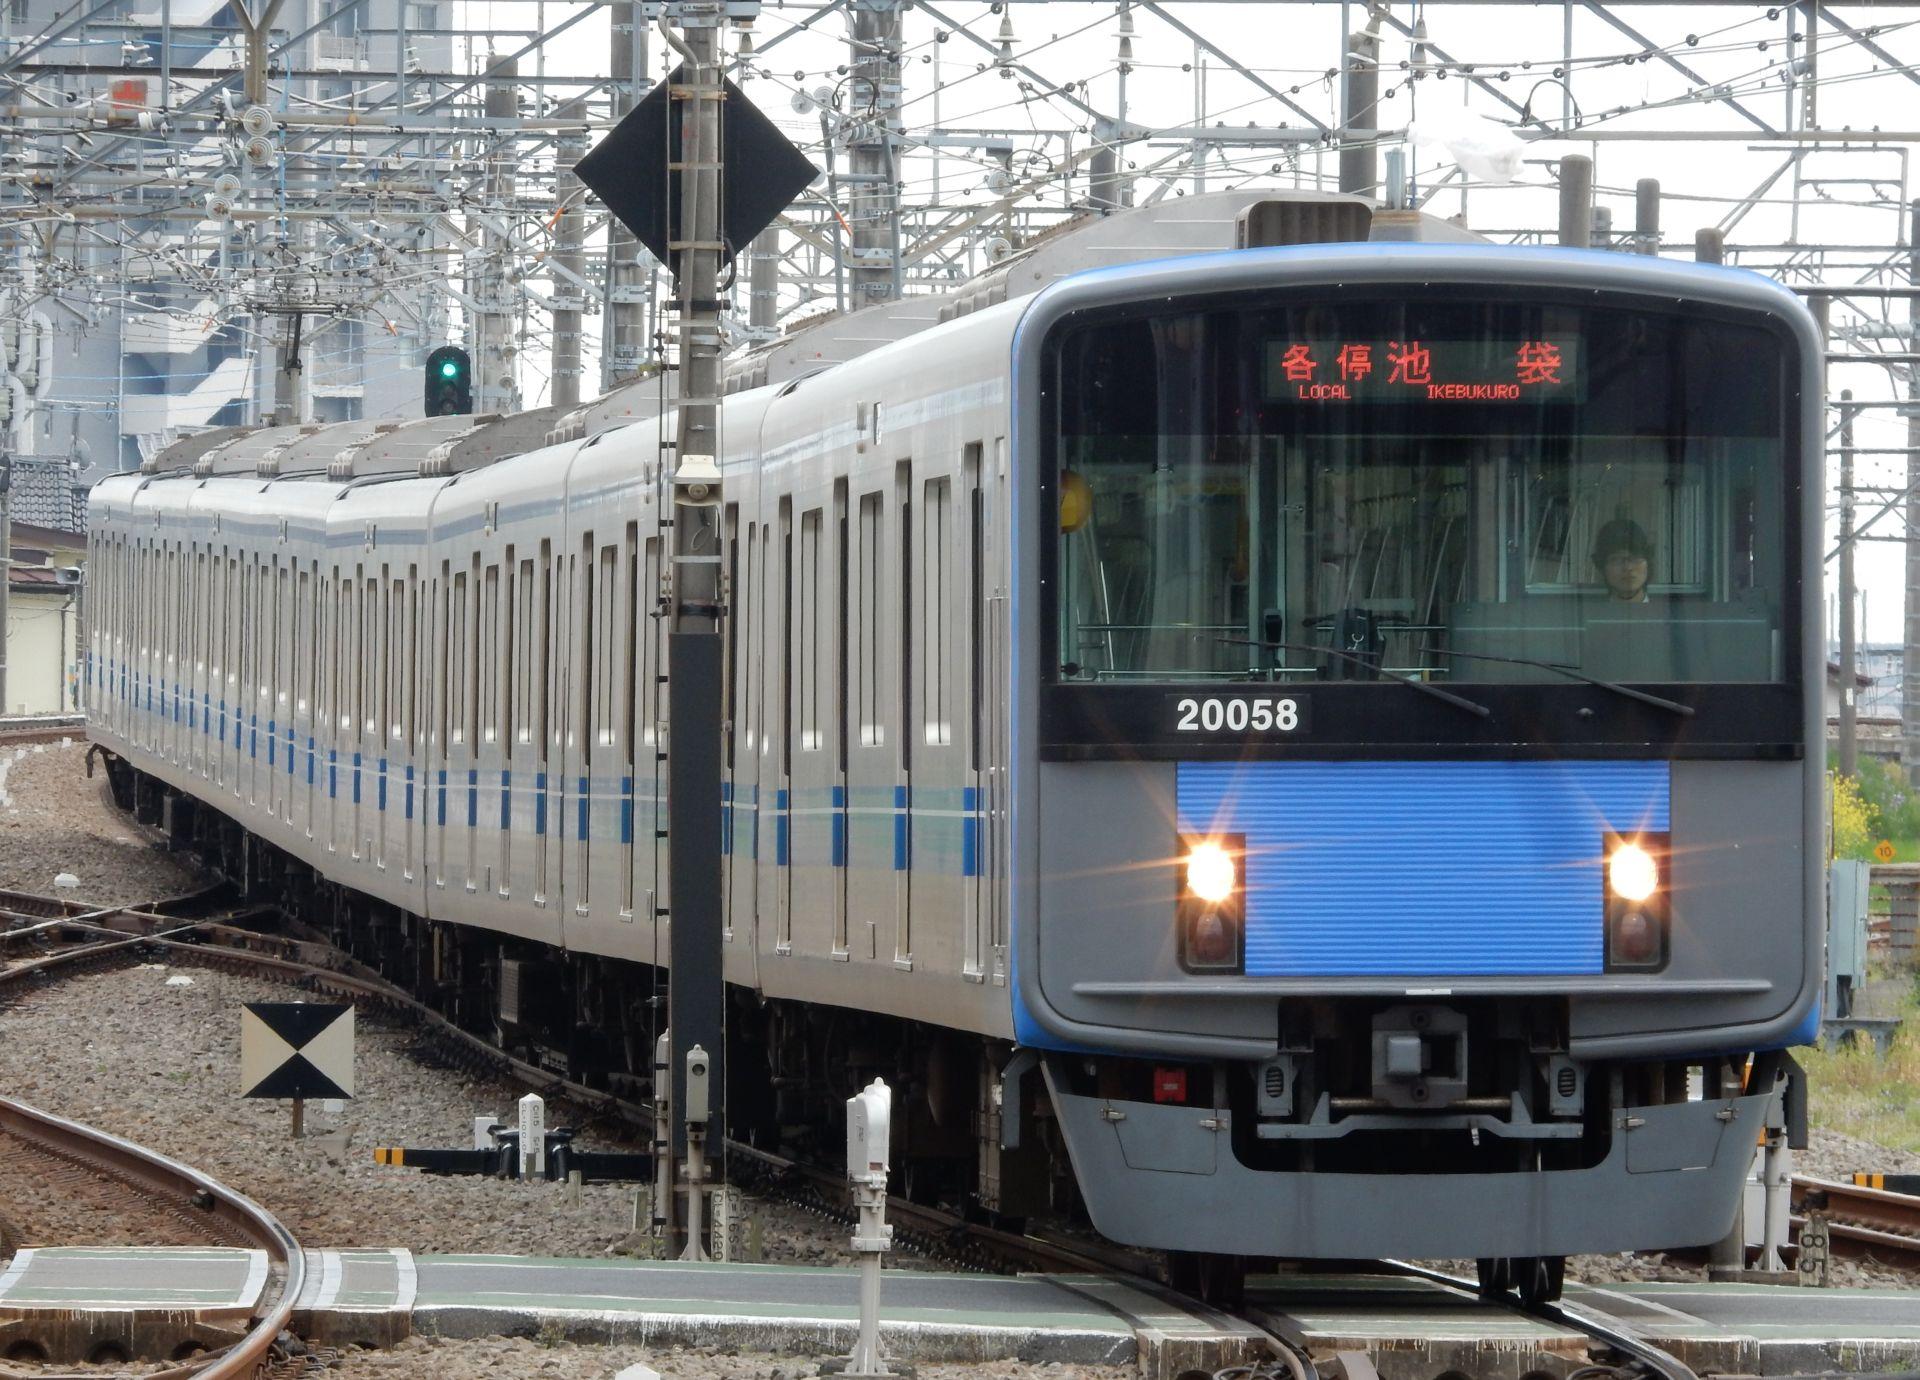 DSCN7040 - コピー